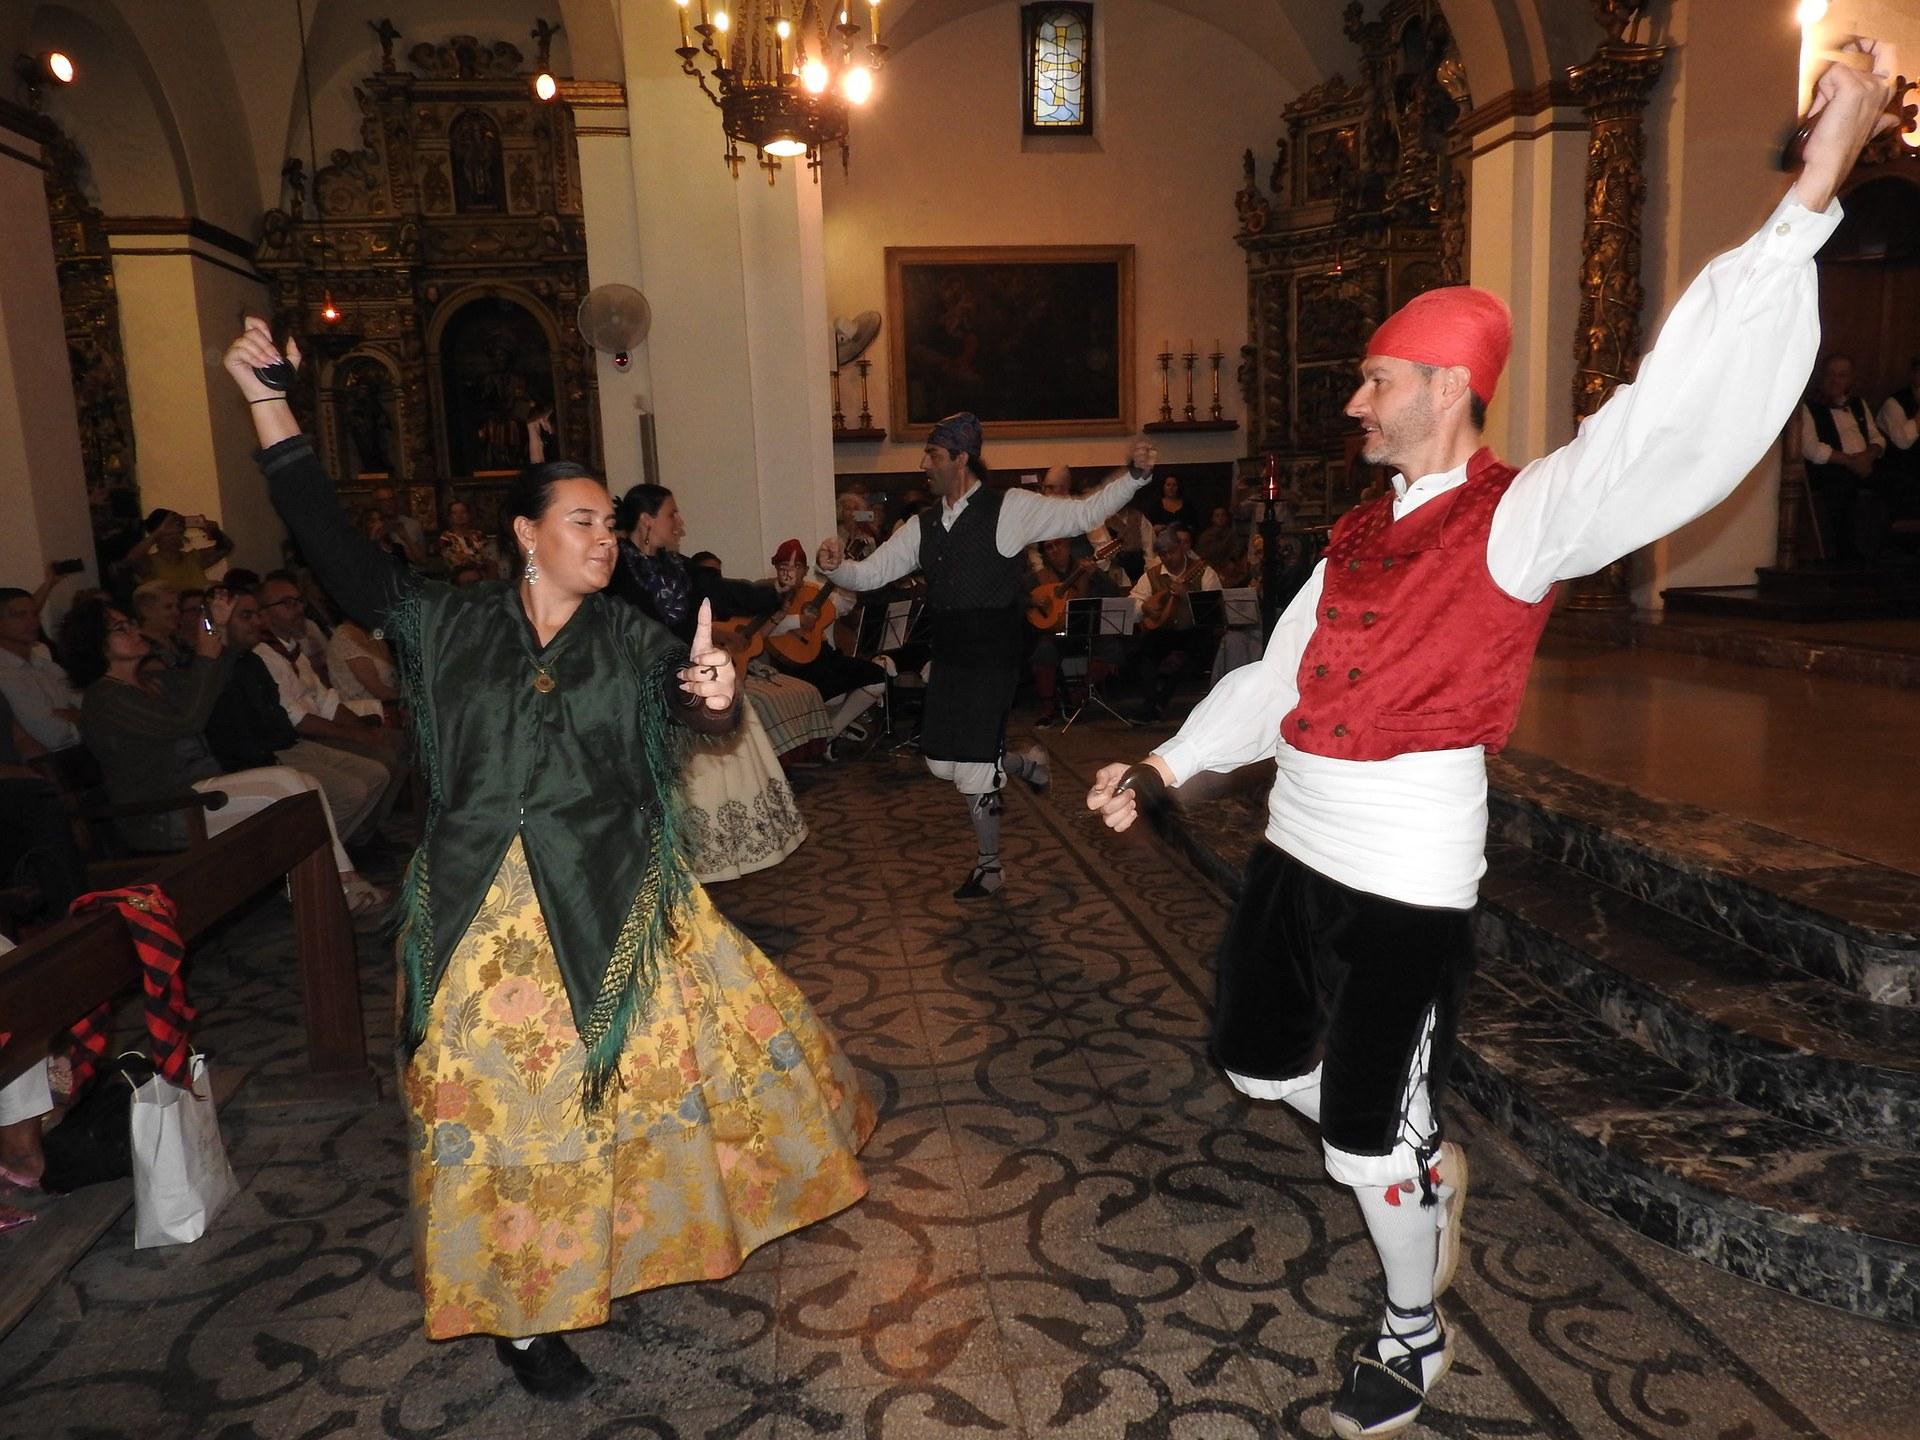 La comunitat aragonesa de Sitges celebra la festa del Pilar